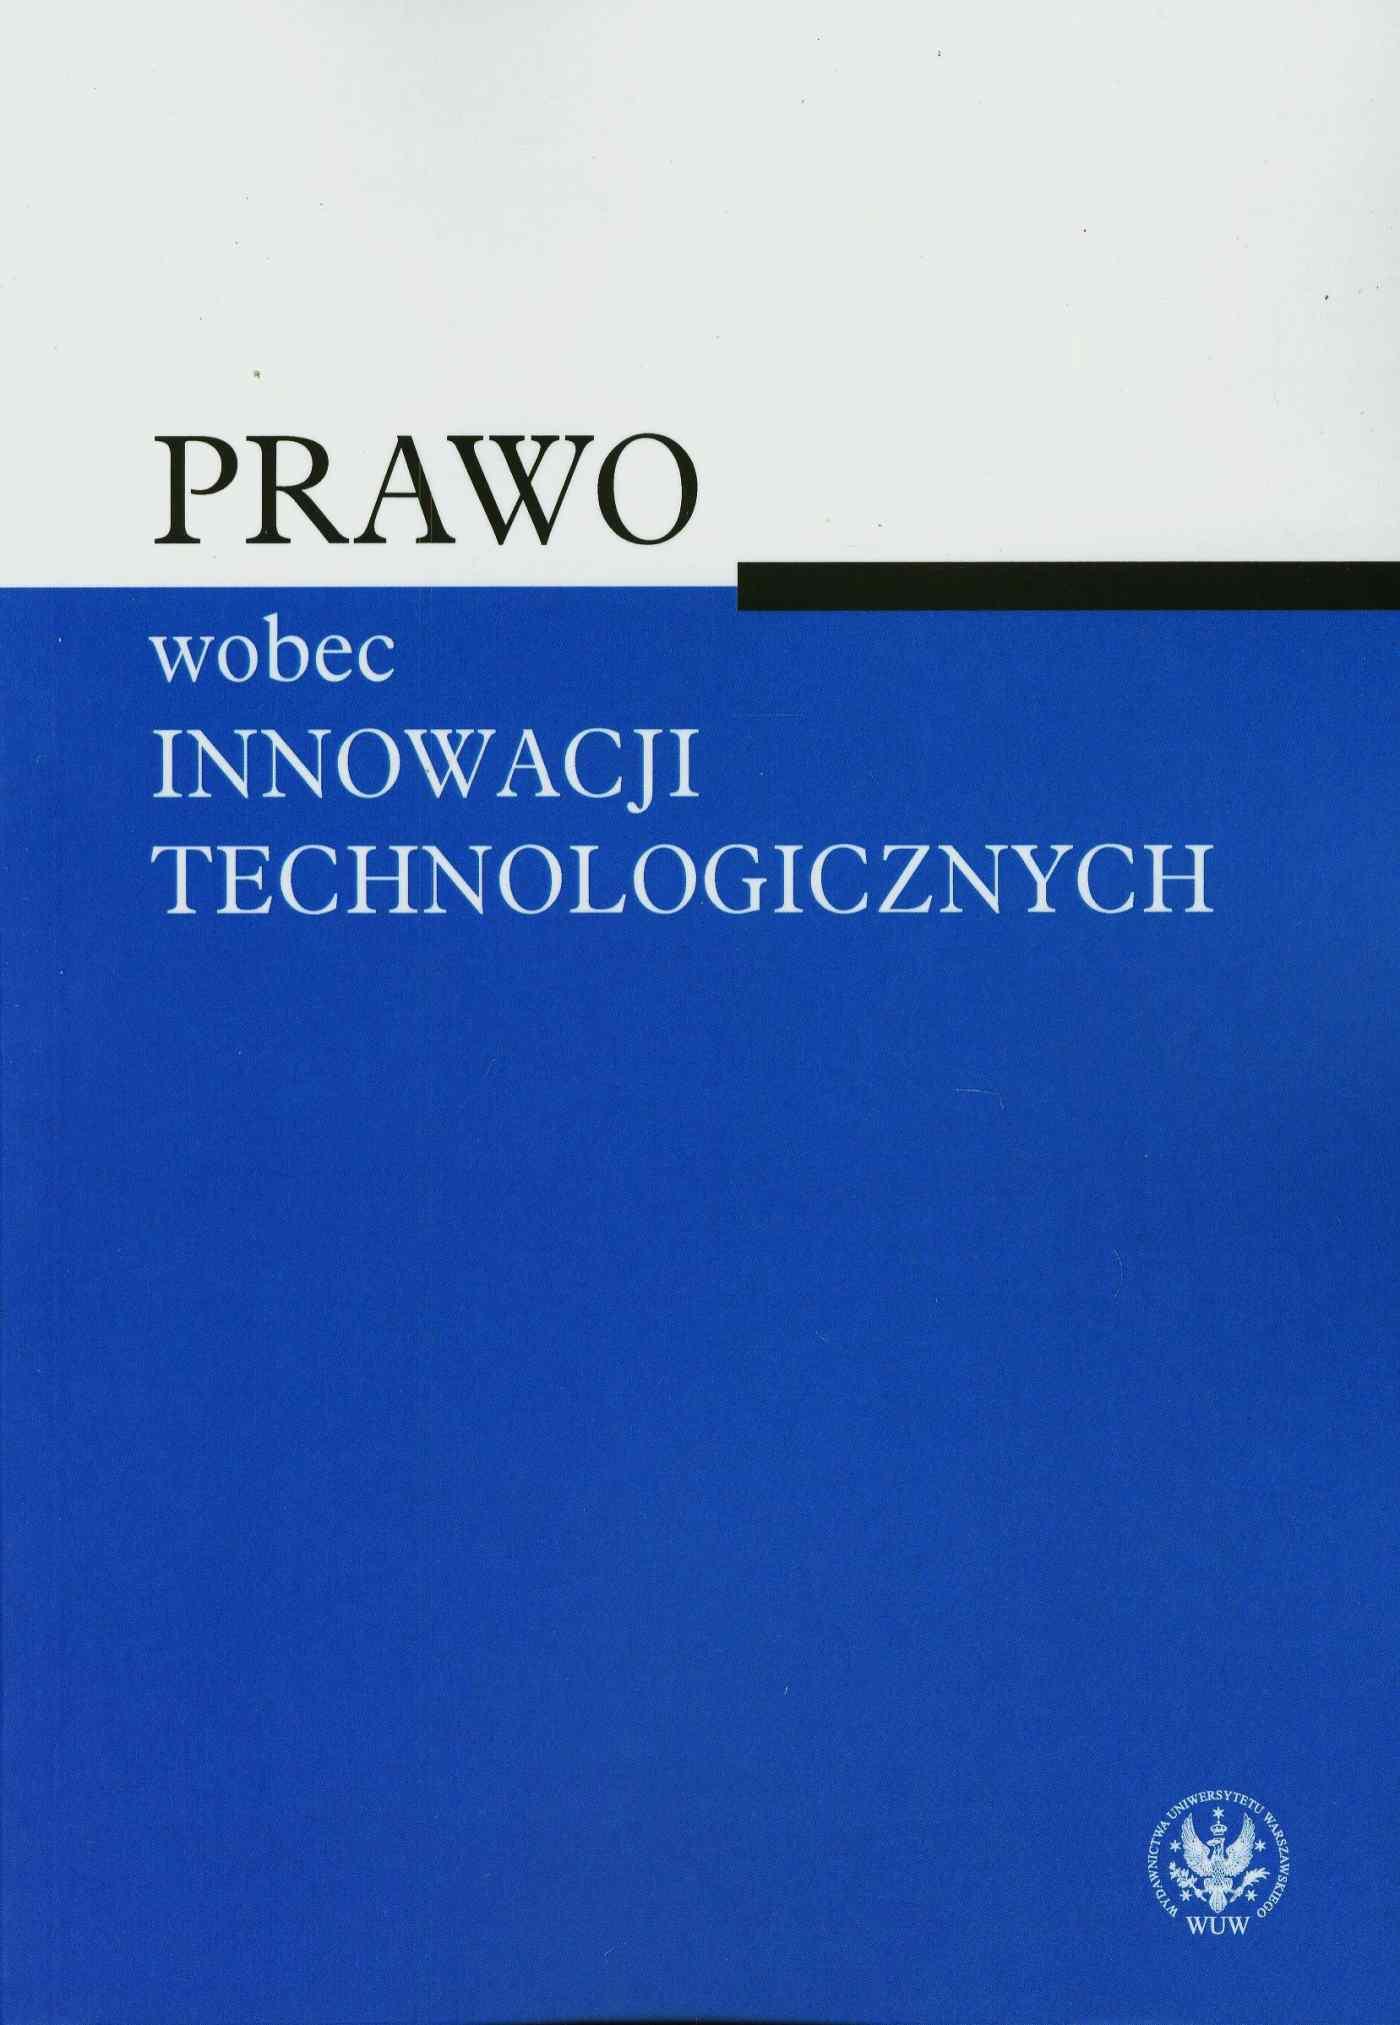 Prawo wobec innowacji technologicznych - Ebook (Książka PDF) do pobrania w formacie PDF